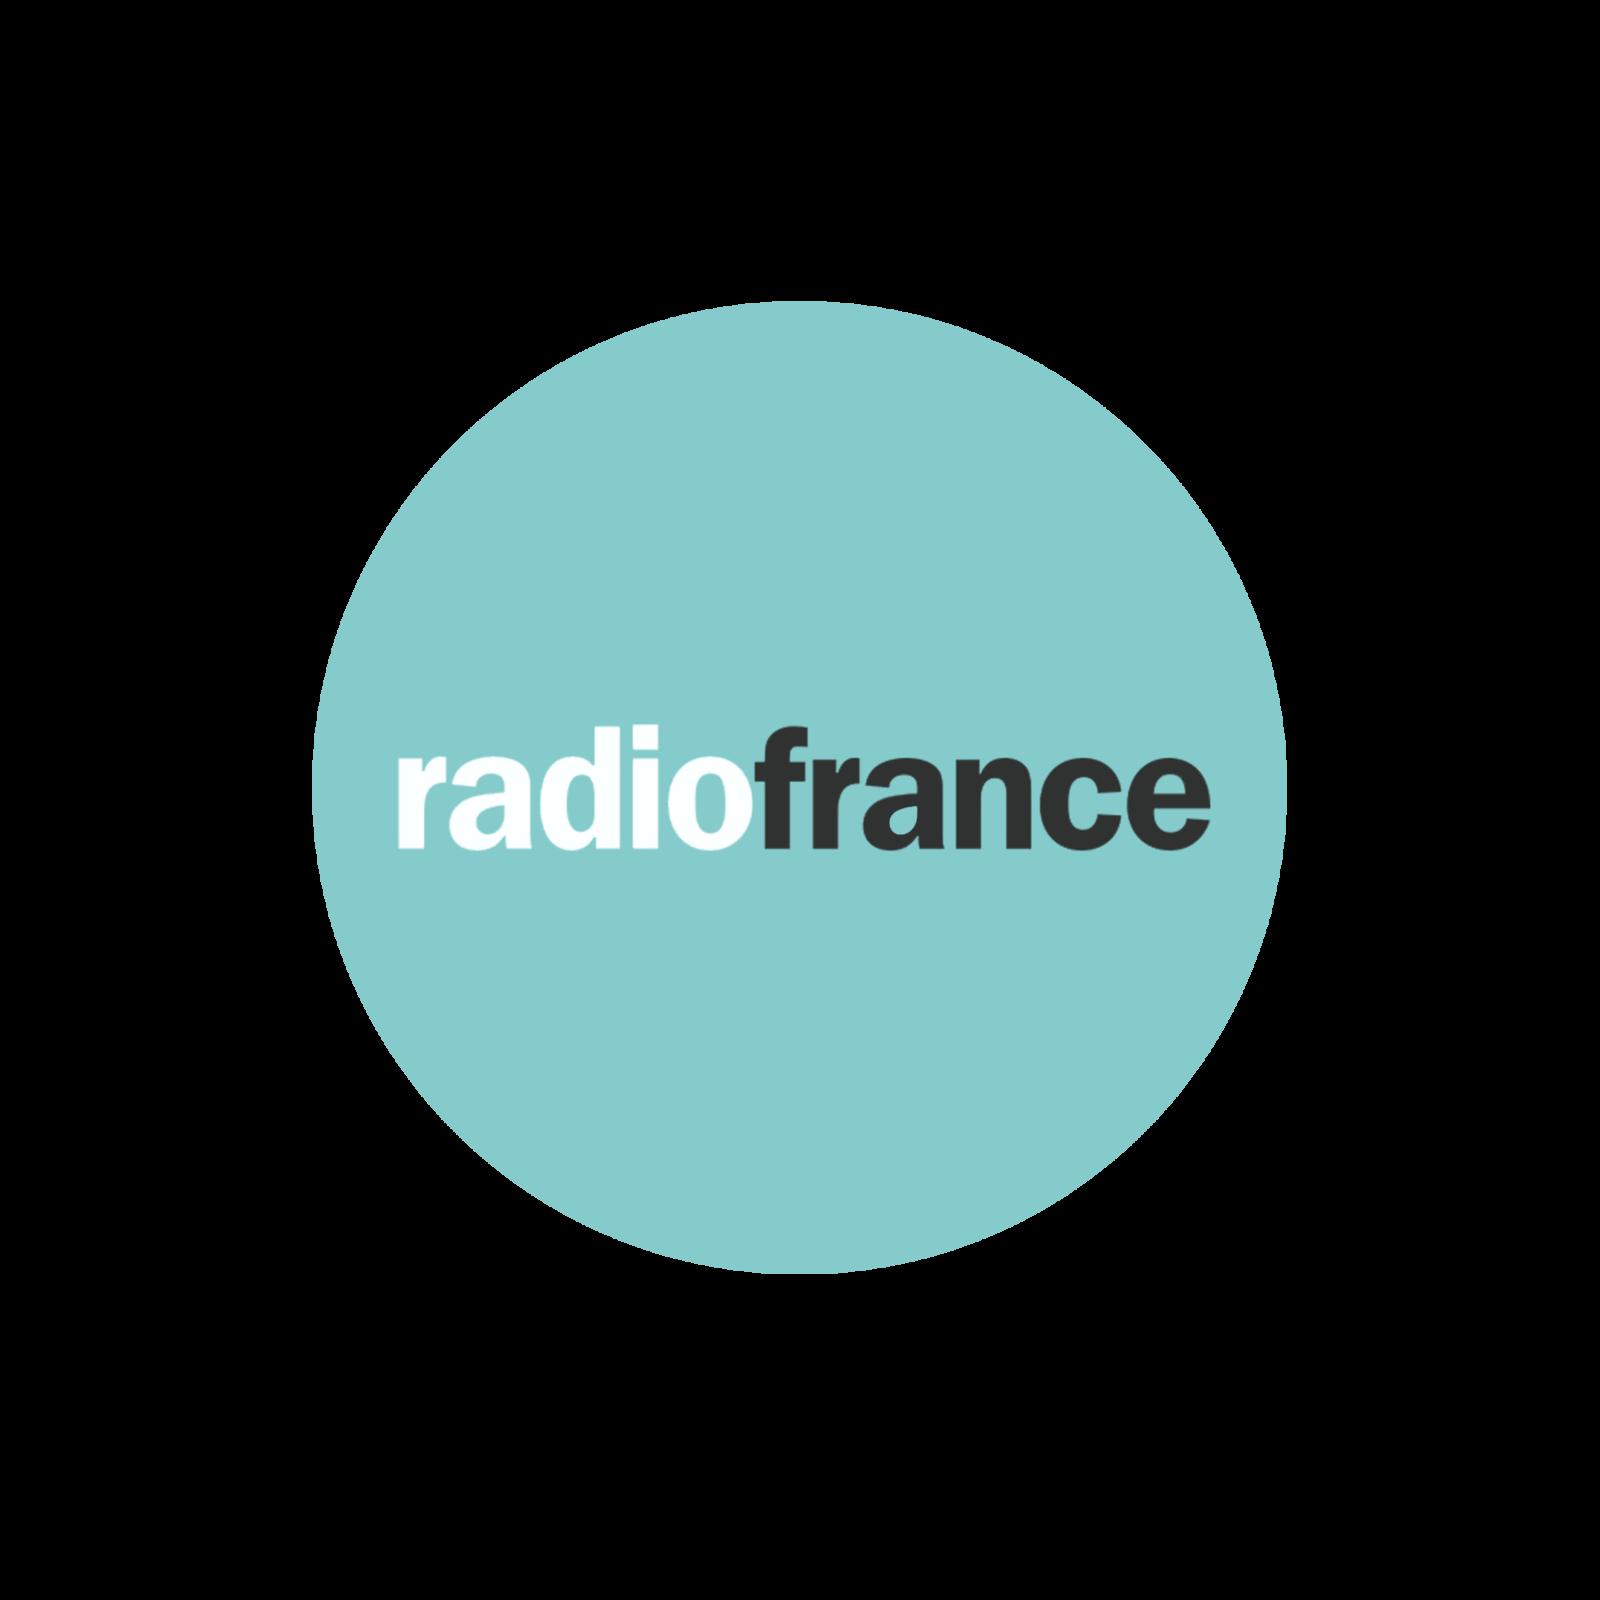 Tour de France cycliste : le dispositif du groupe Radio France.